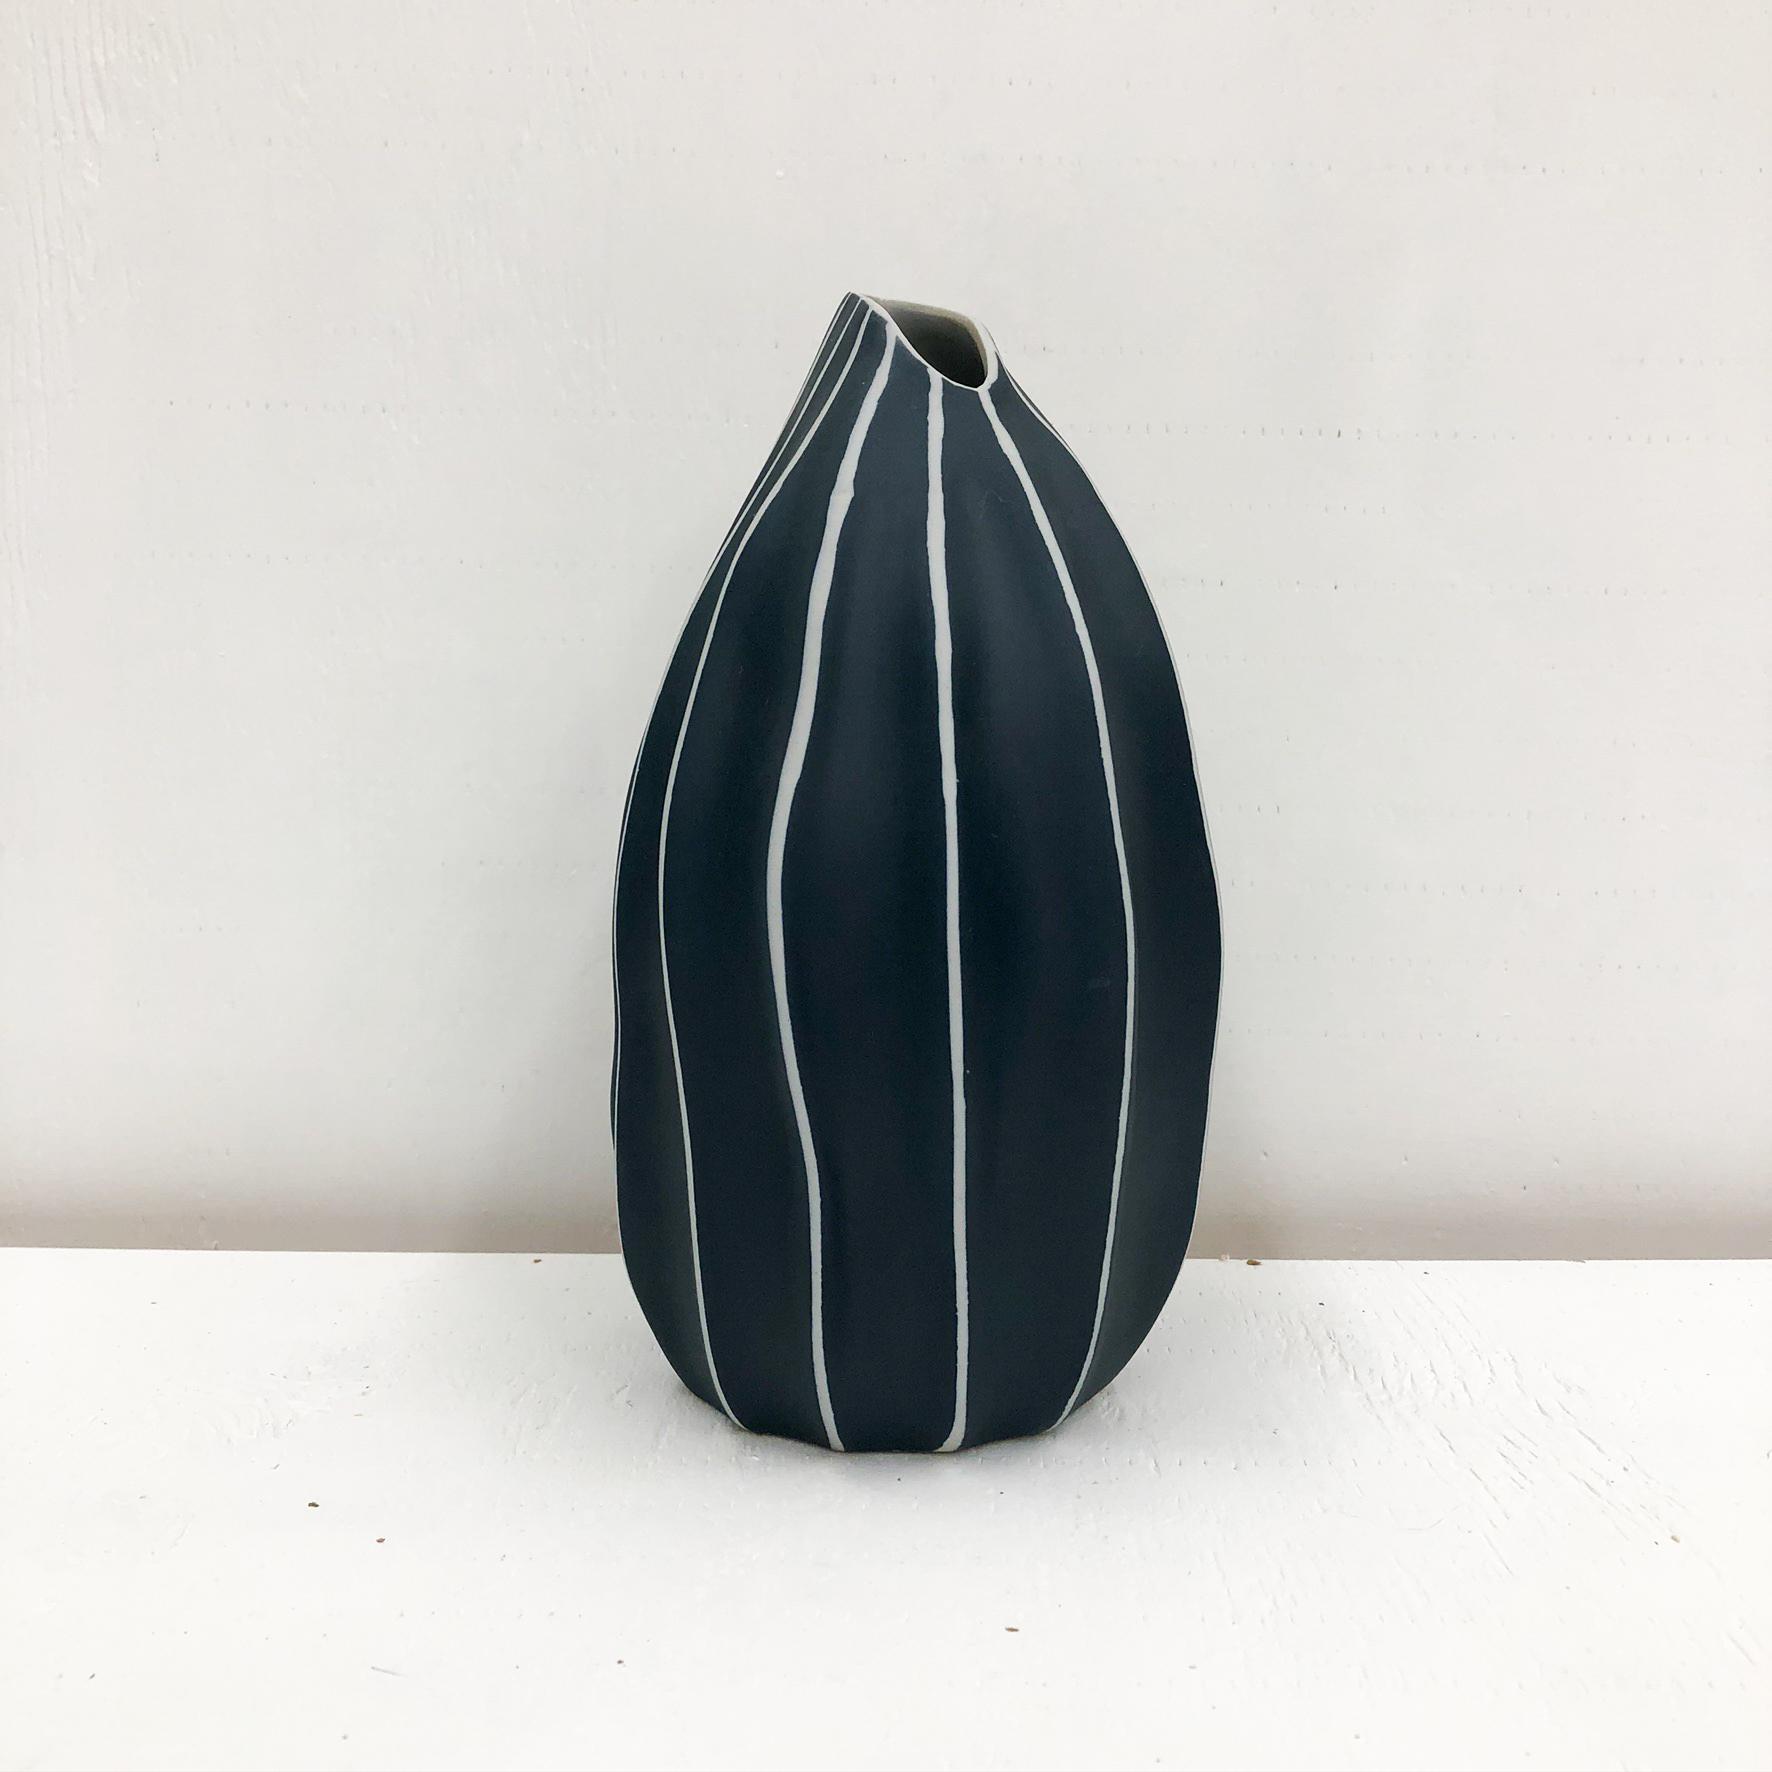 Seda S Handmade Vase -Navy - empty